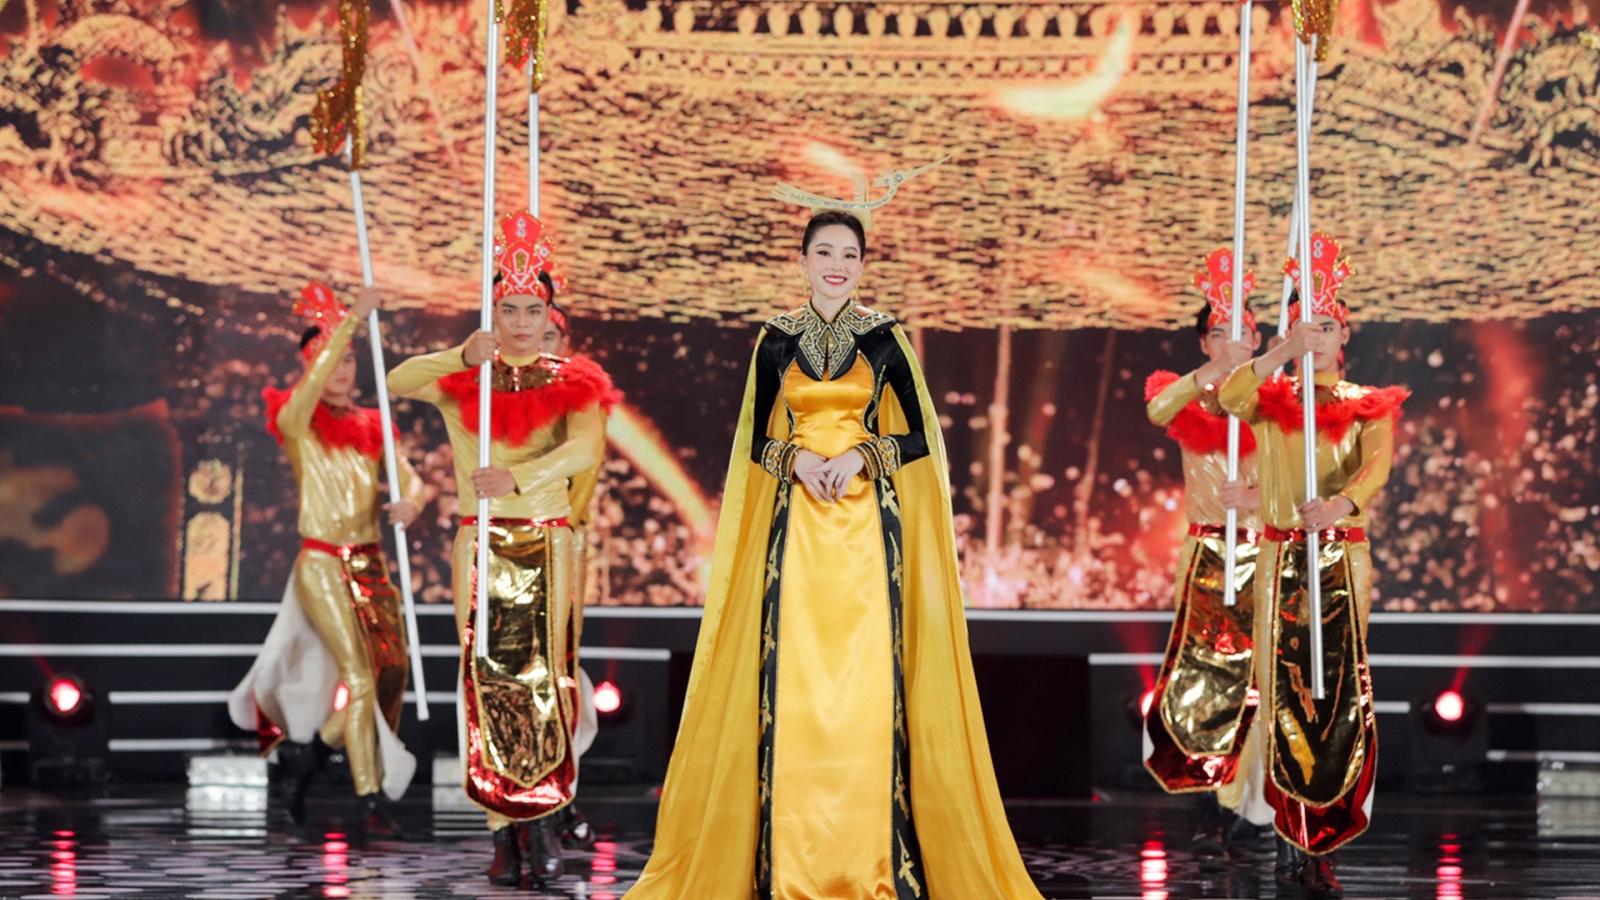 Đặng Thu Thảo, Kỳ Duyên trình diễn áo dài trong đêm chung kết HHVN 2020